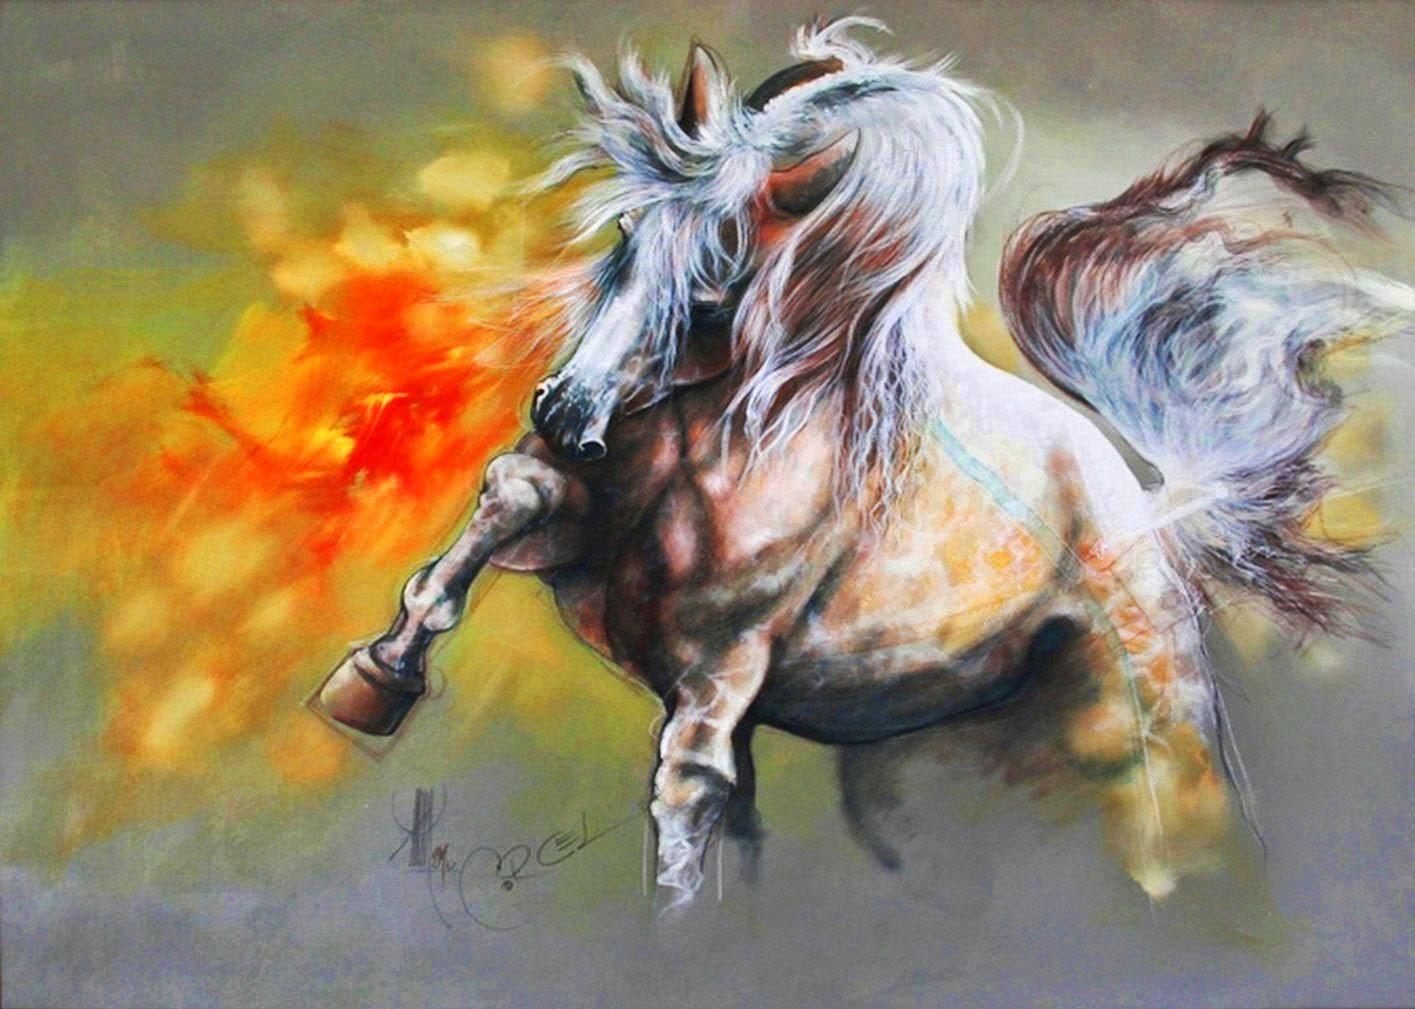 caballos-abstractos-modernos